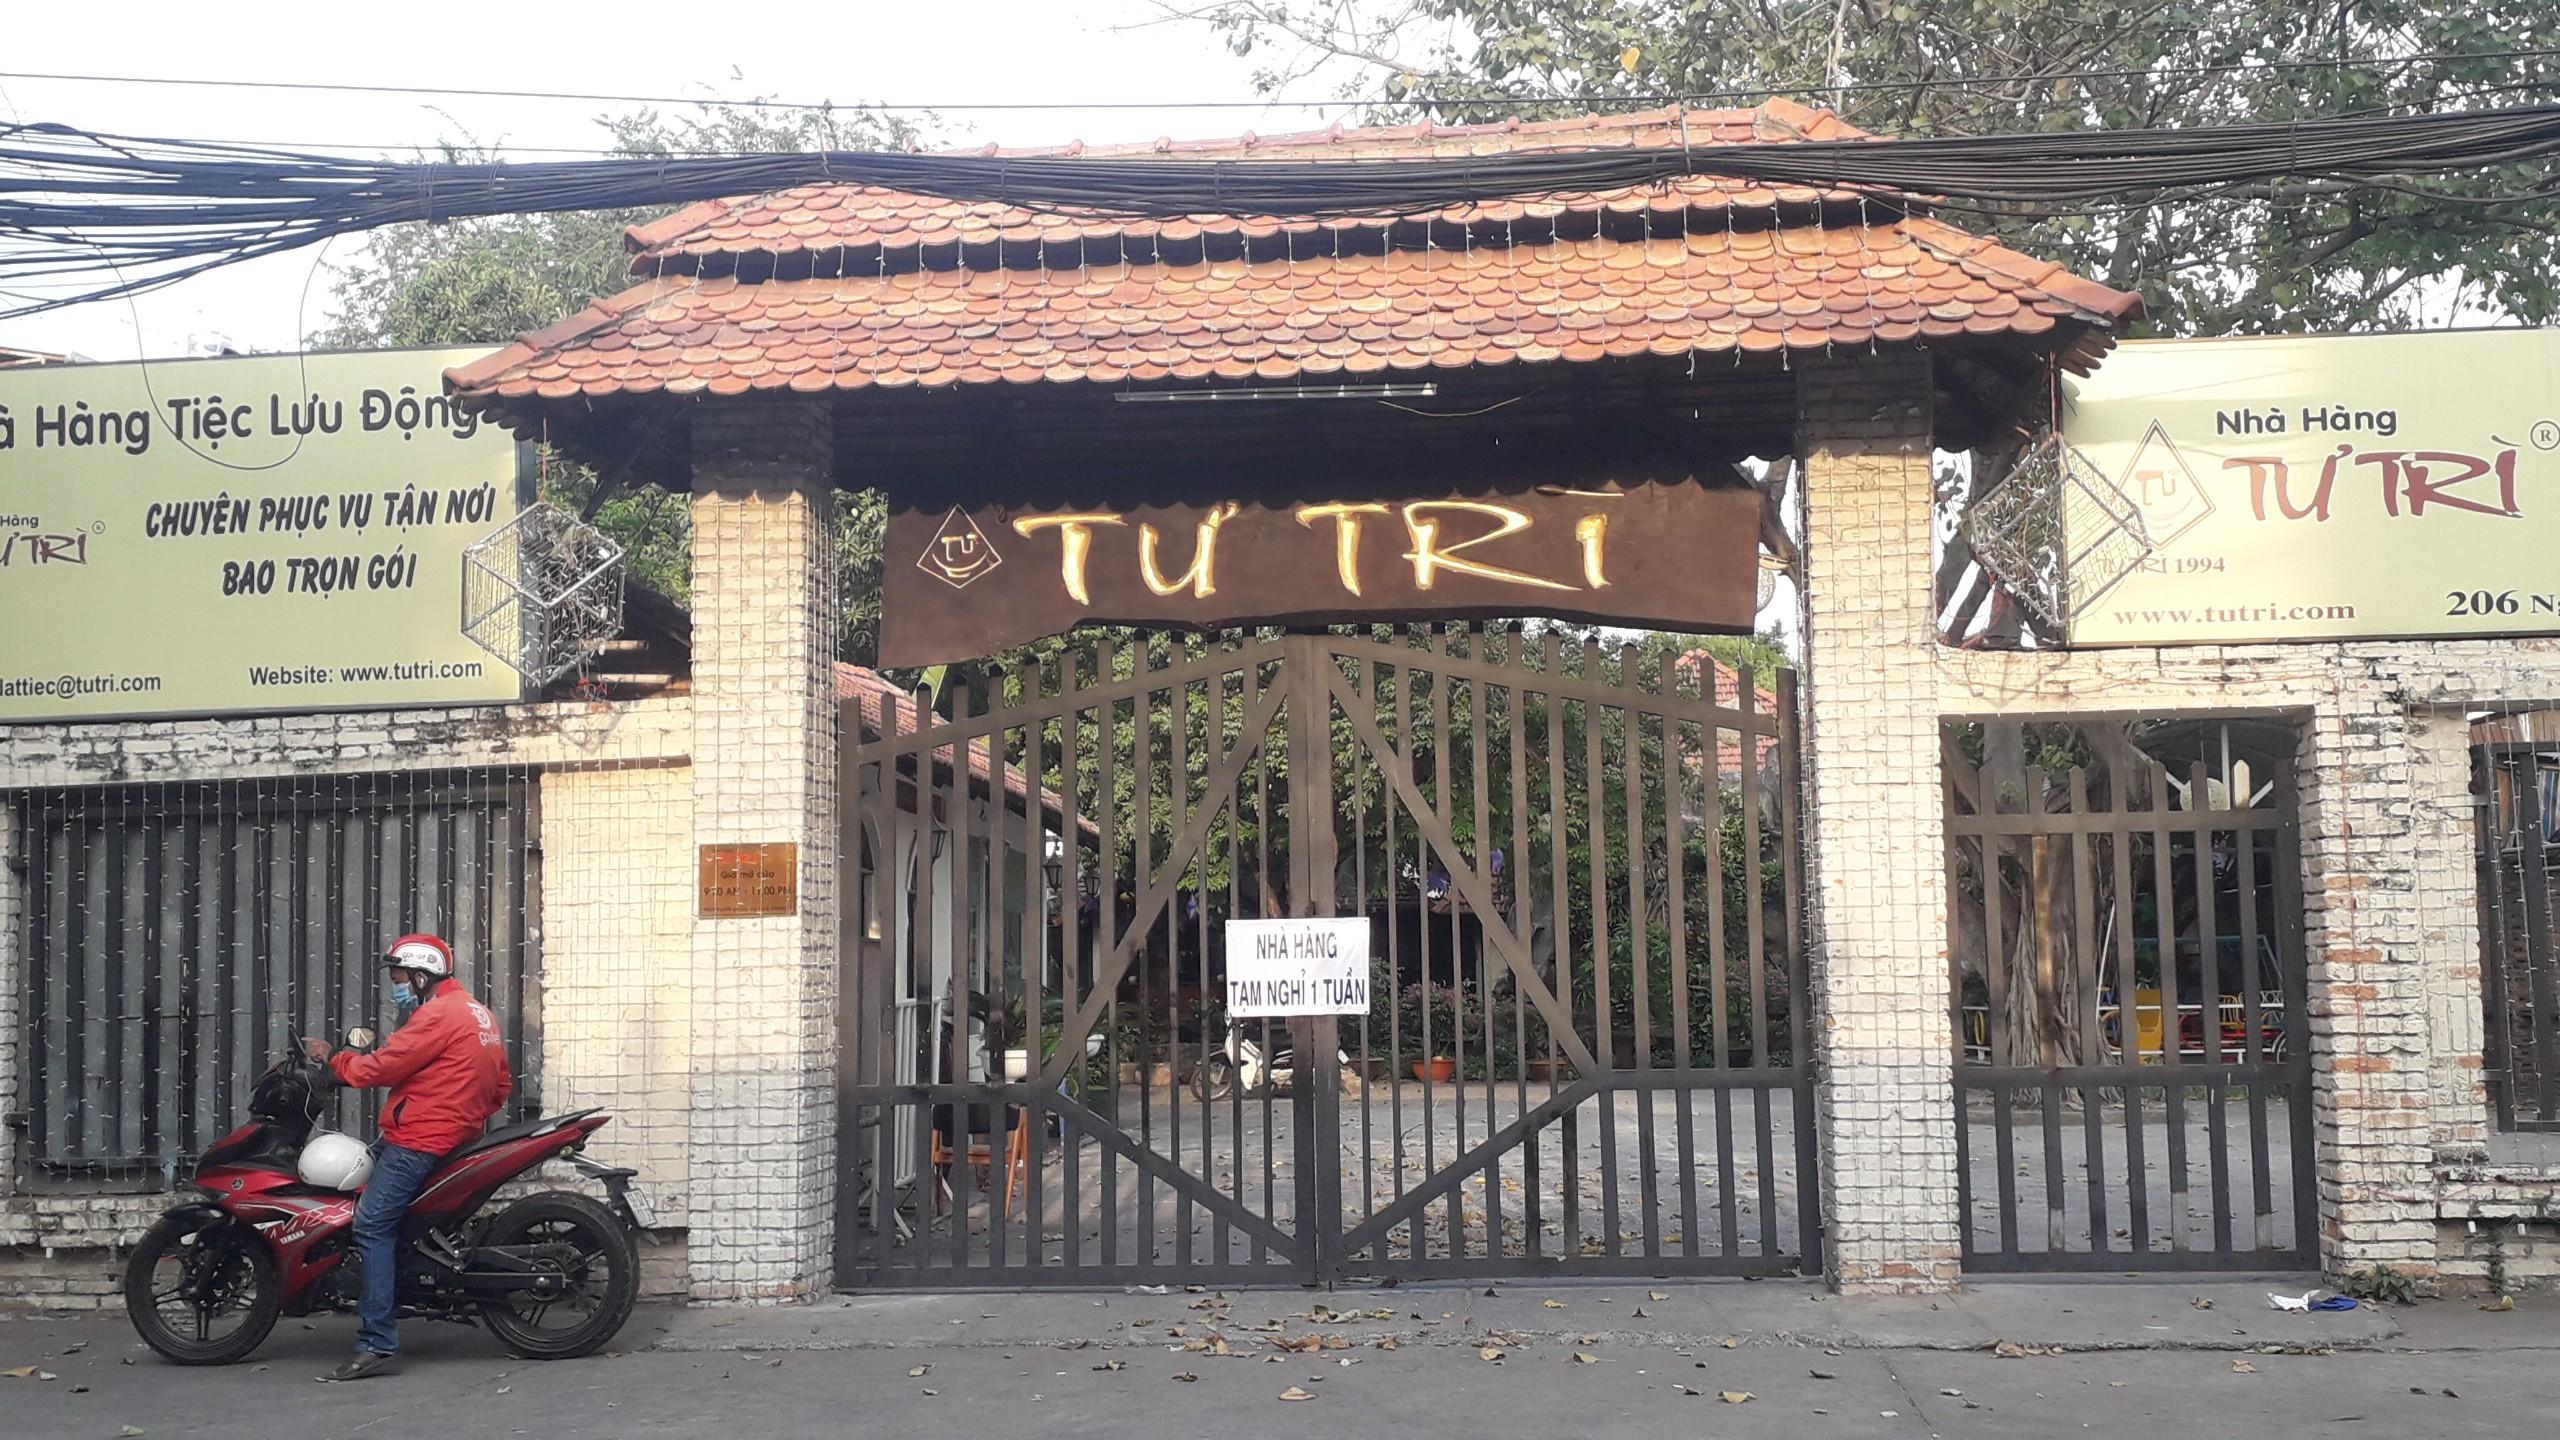 Loạt cửa hàng trên đường Nguyễn Phong Sắc (quận Cầu Giấy) phải đóng cửa do ảnh hưởng bởi dịch Covid-19